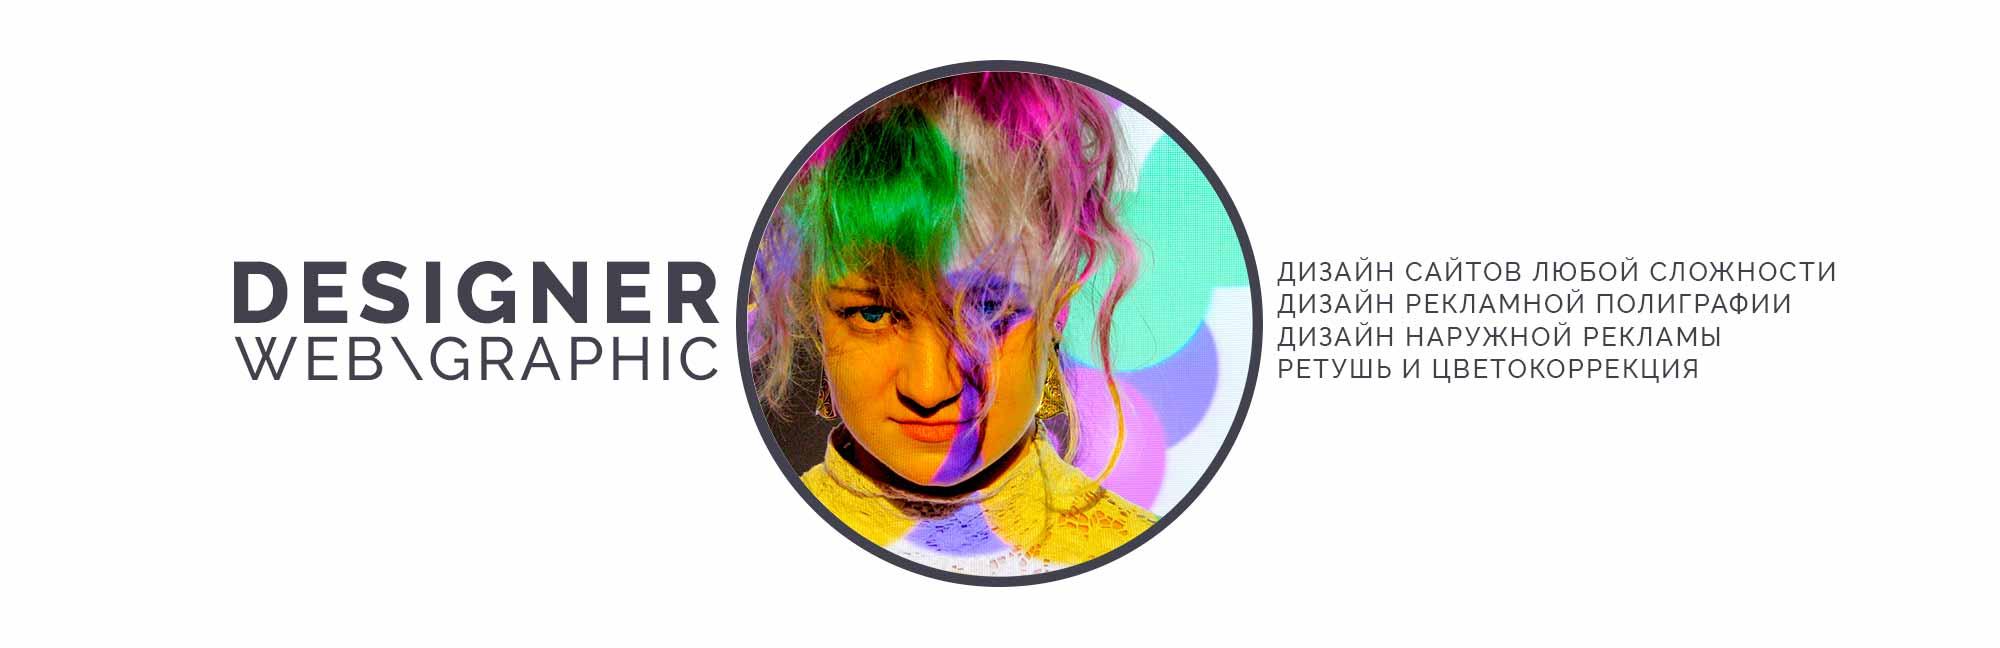 Анастасия Попова web-дизайнер